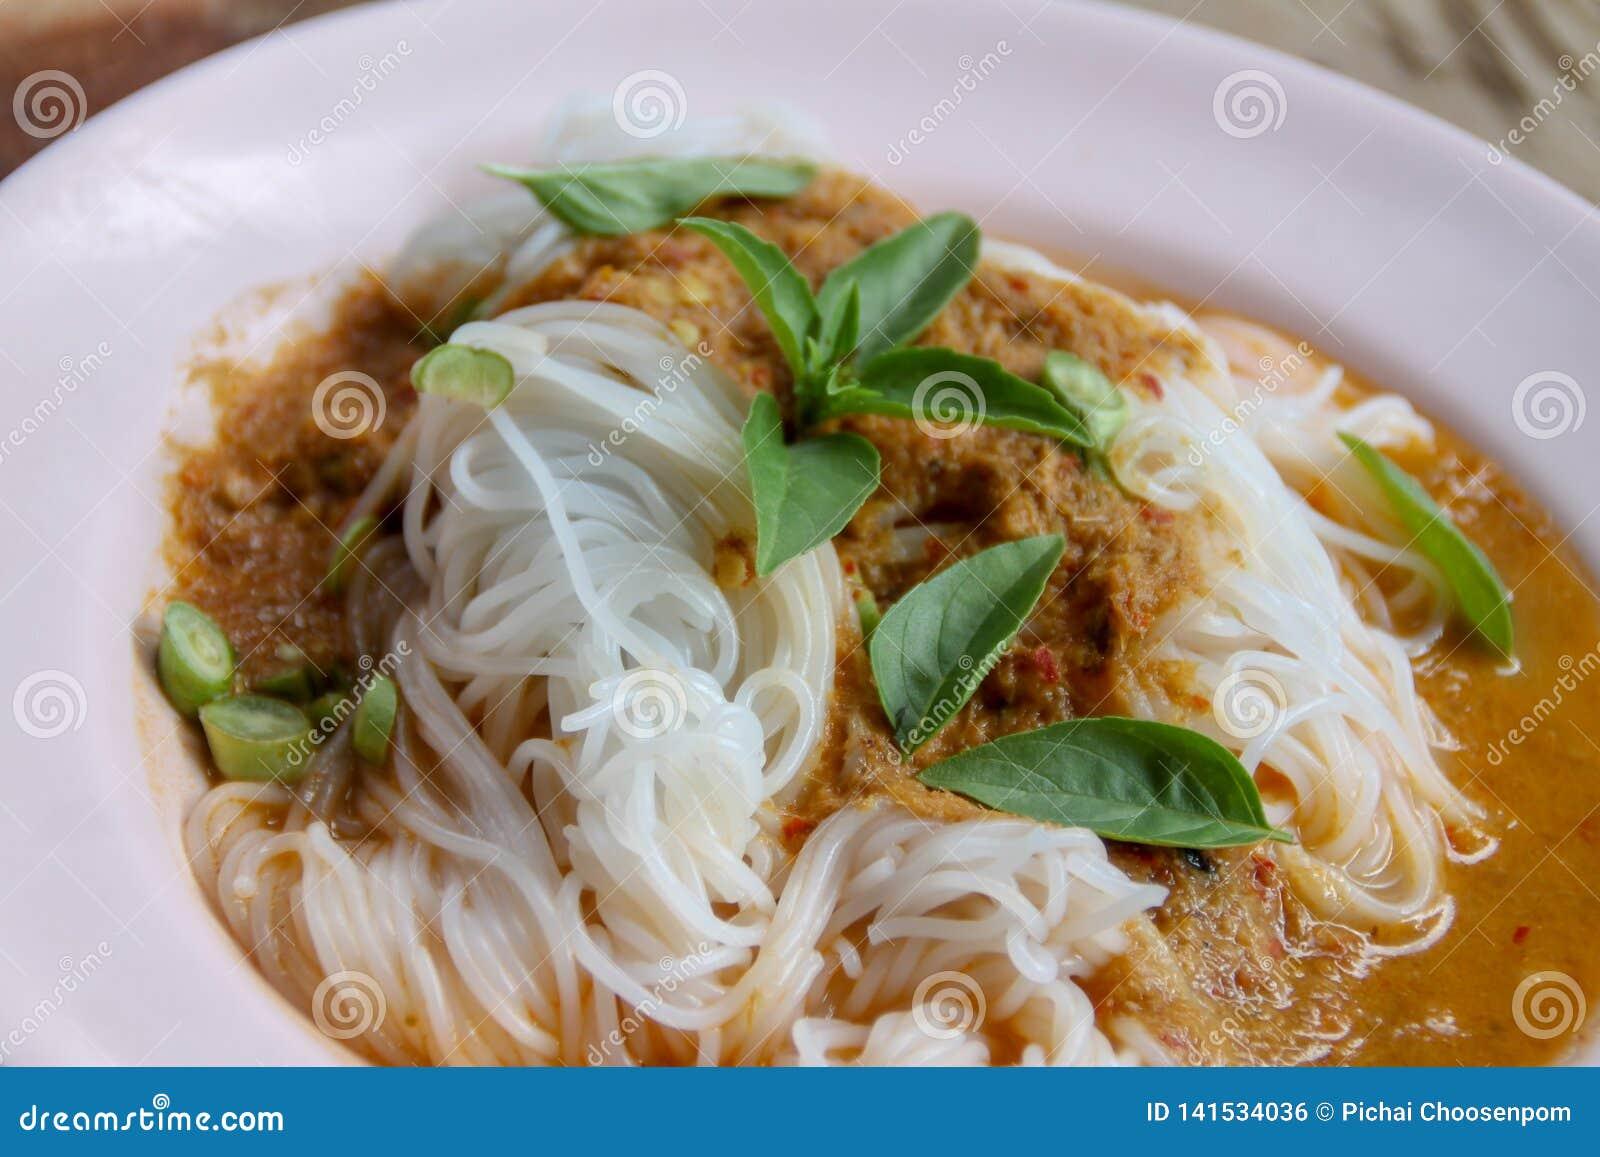 Ταϊλανδικό vermicelli ρυζιού ατμού με το κόκκινο κάρρυ και vetgetable